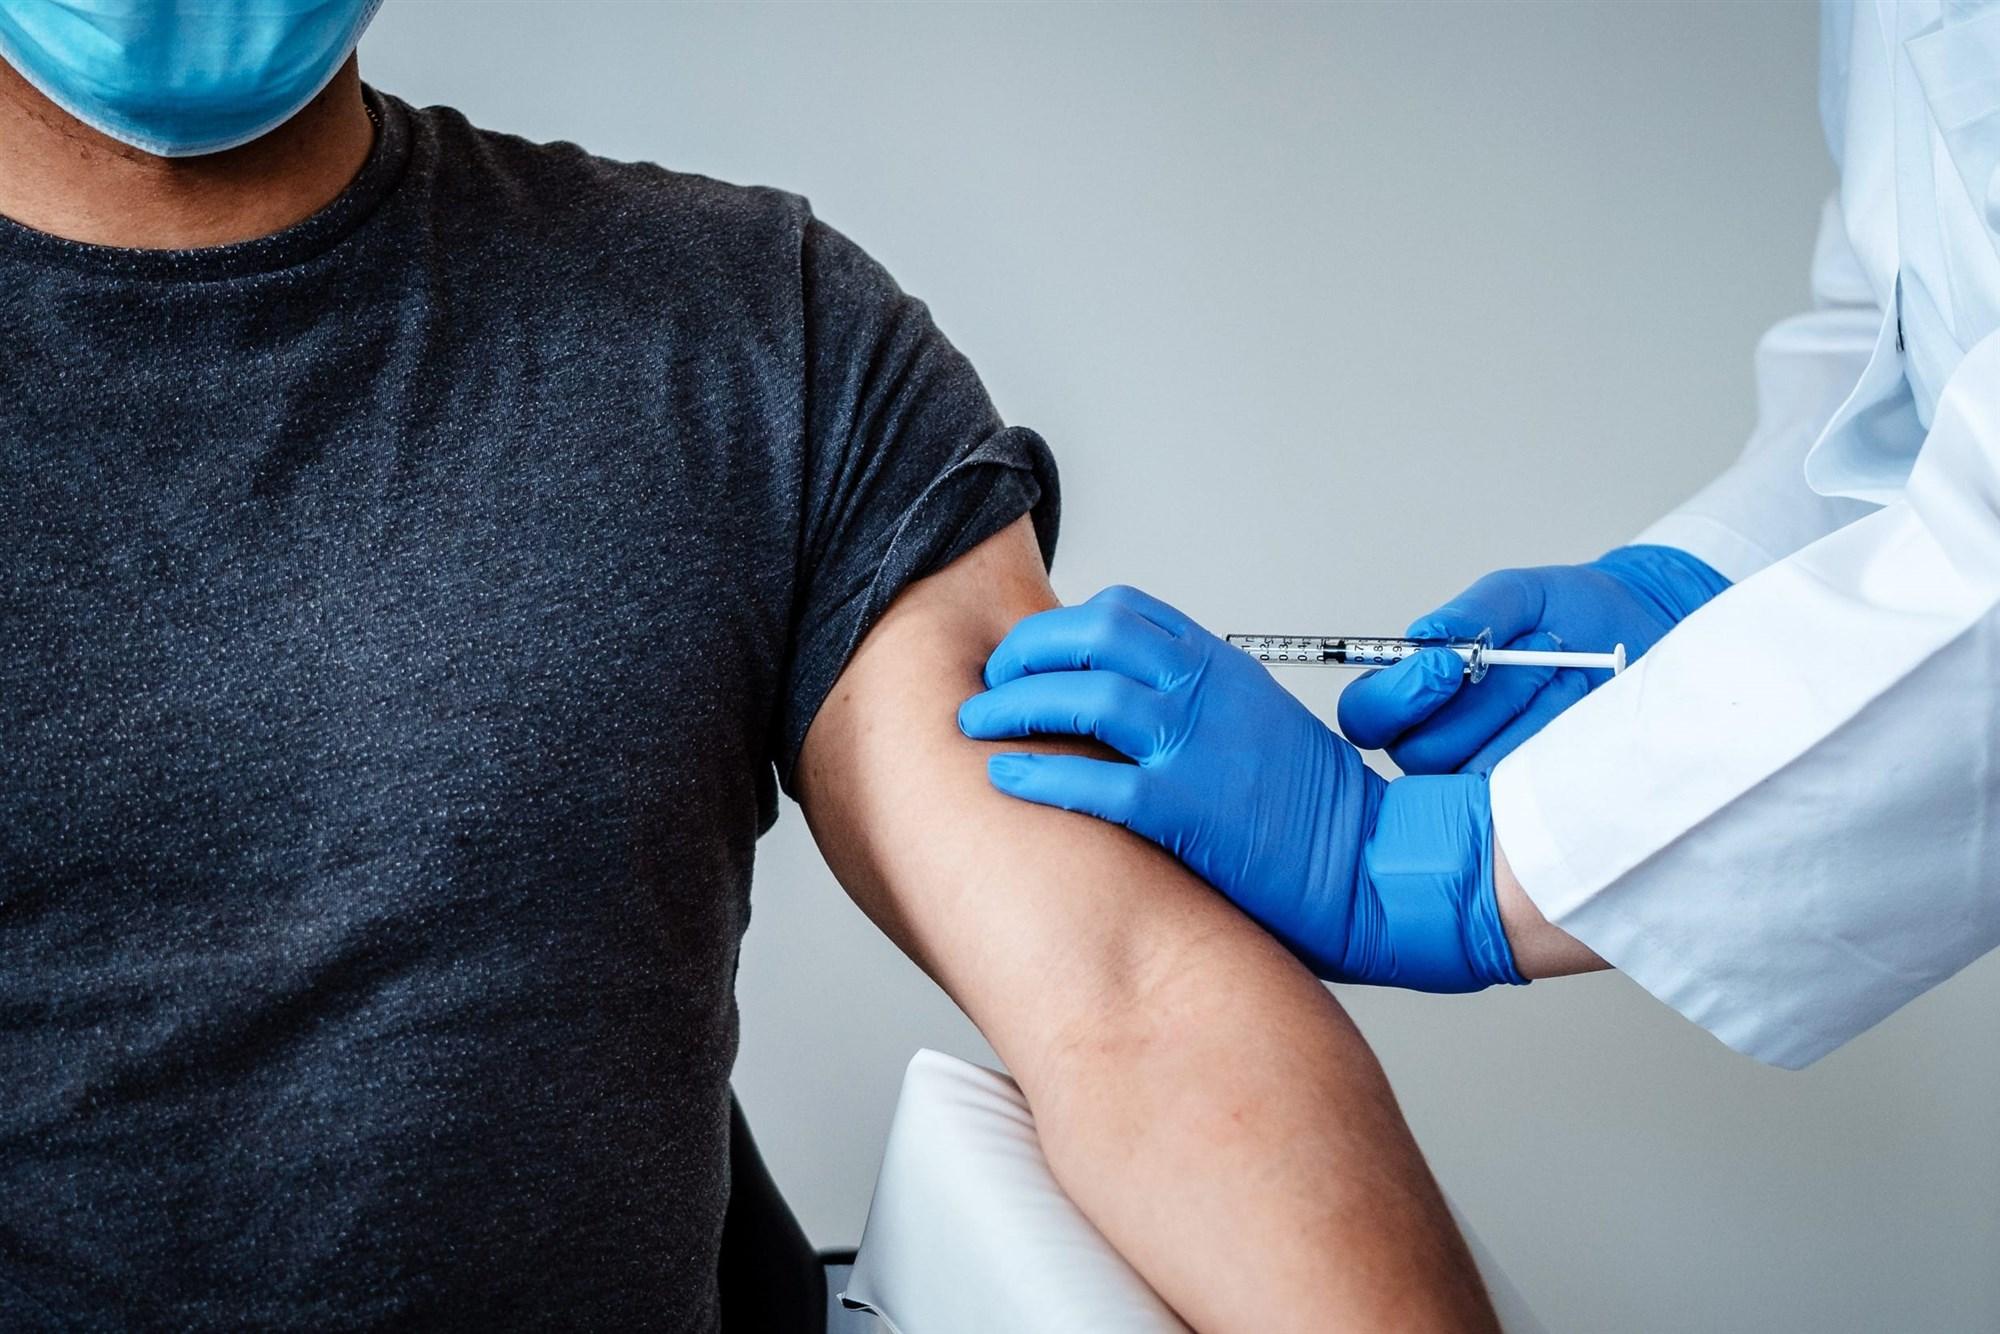 Facebook, Kovid-19 aşıları hakkındaki yanlış paylaşımları kaldıracak